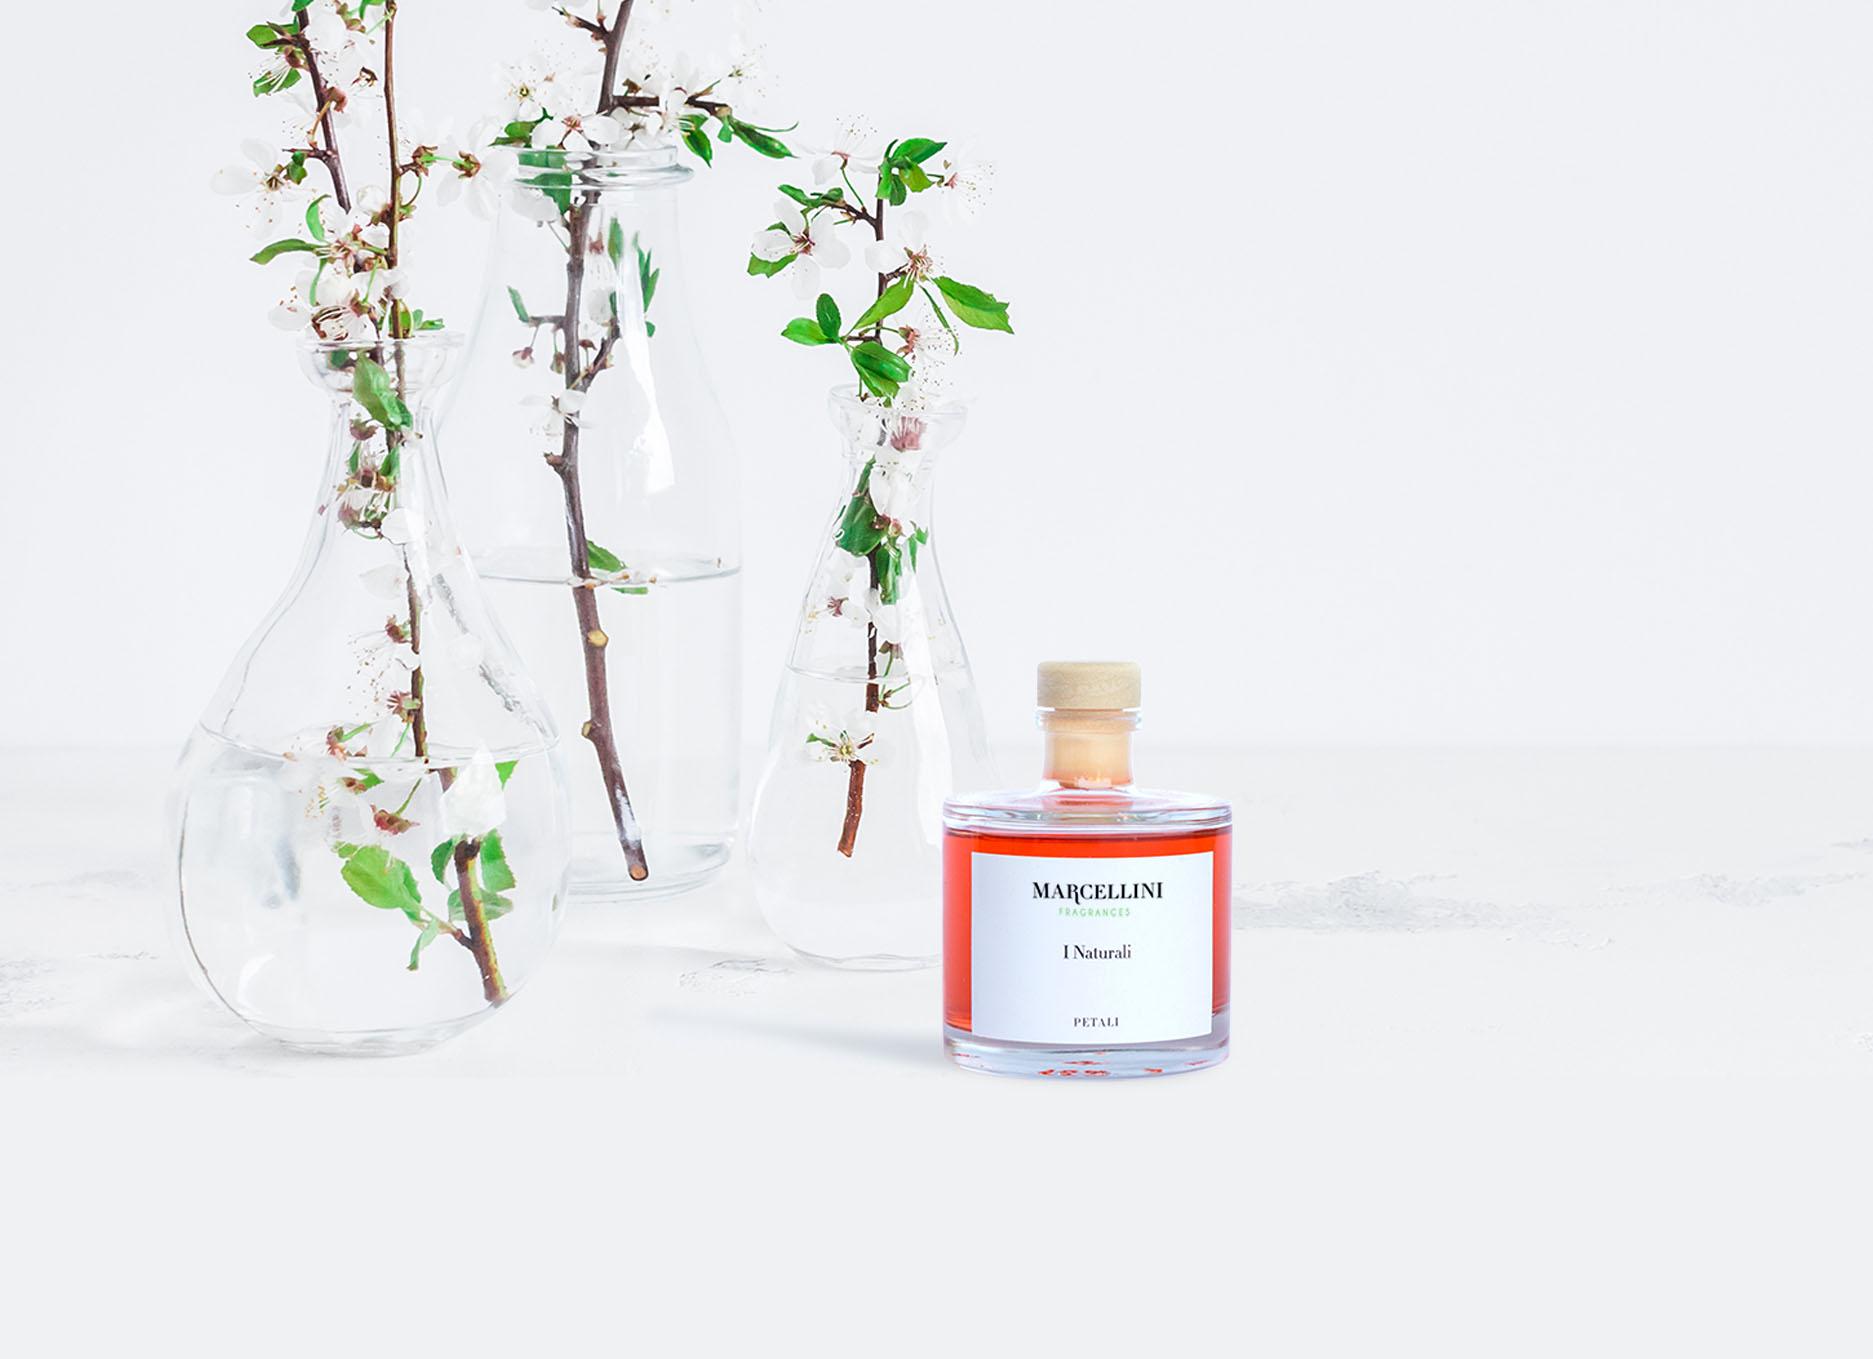 fragranze marcellini